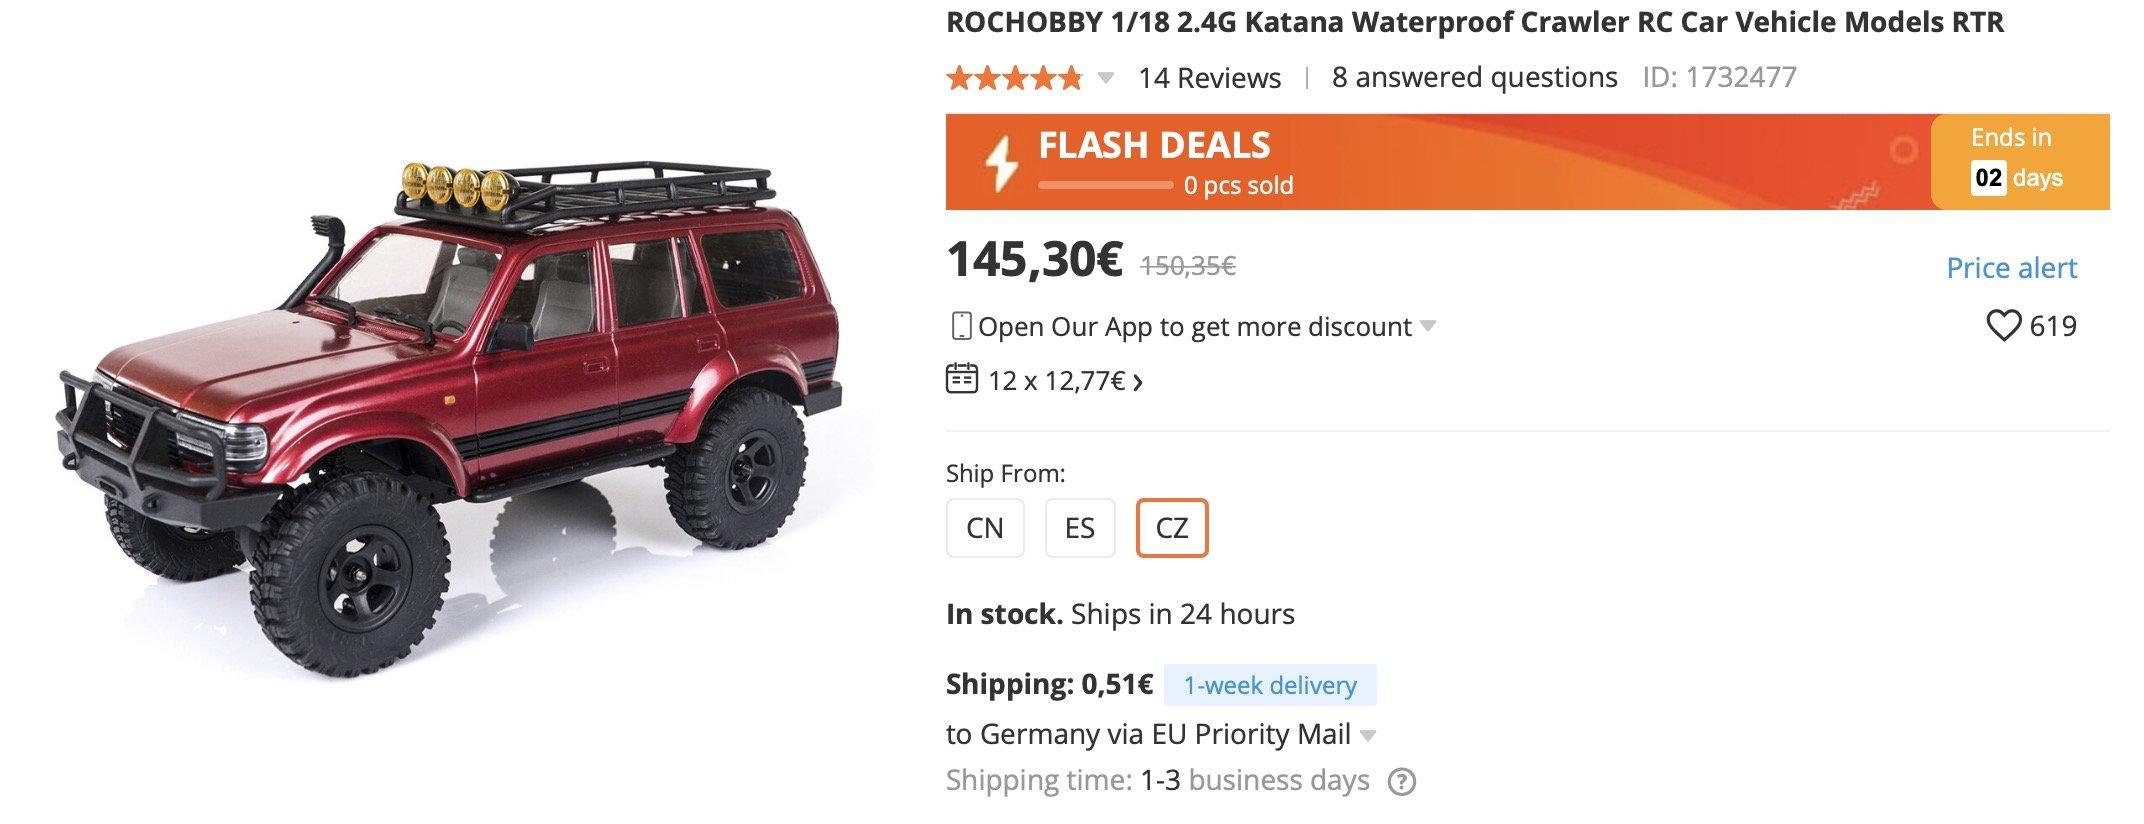 RC Crawler von RocHobby Katana - sehr schöner Rock Crawler für wenig Geld